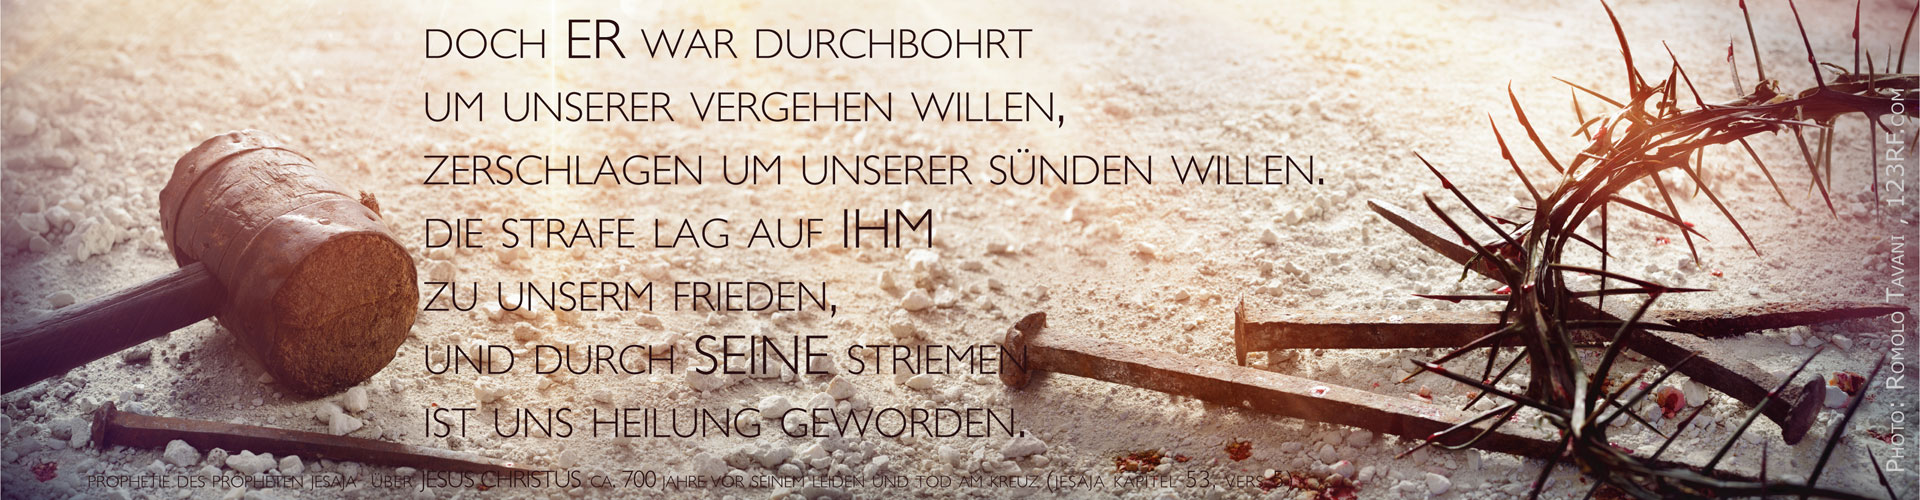 Die Strafe lag auf ihm, durch seine Wunden sind wir geheit. Karfreitag- und Oster-Gottesdienste in Stuttgart Vaihngen